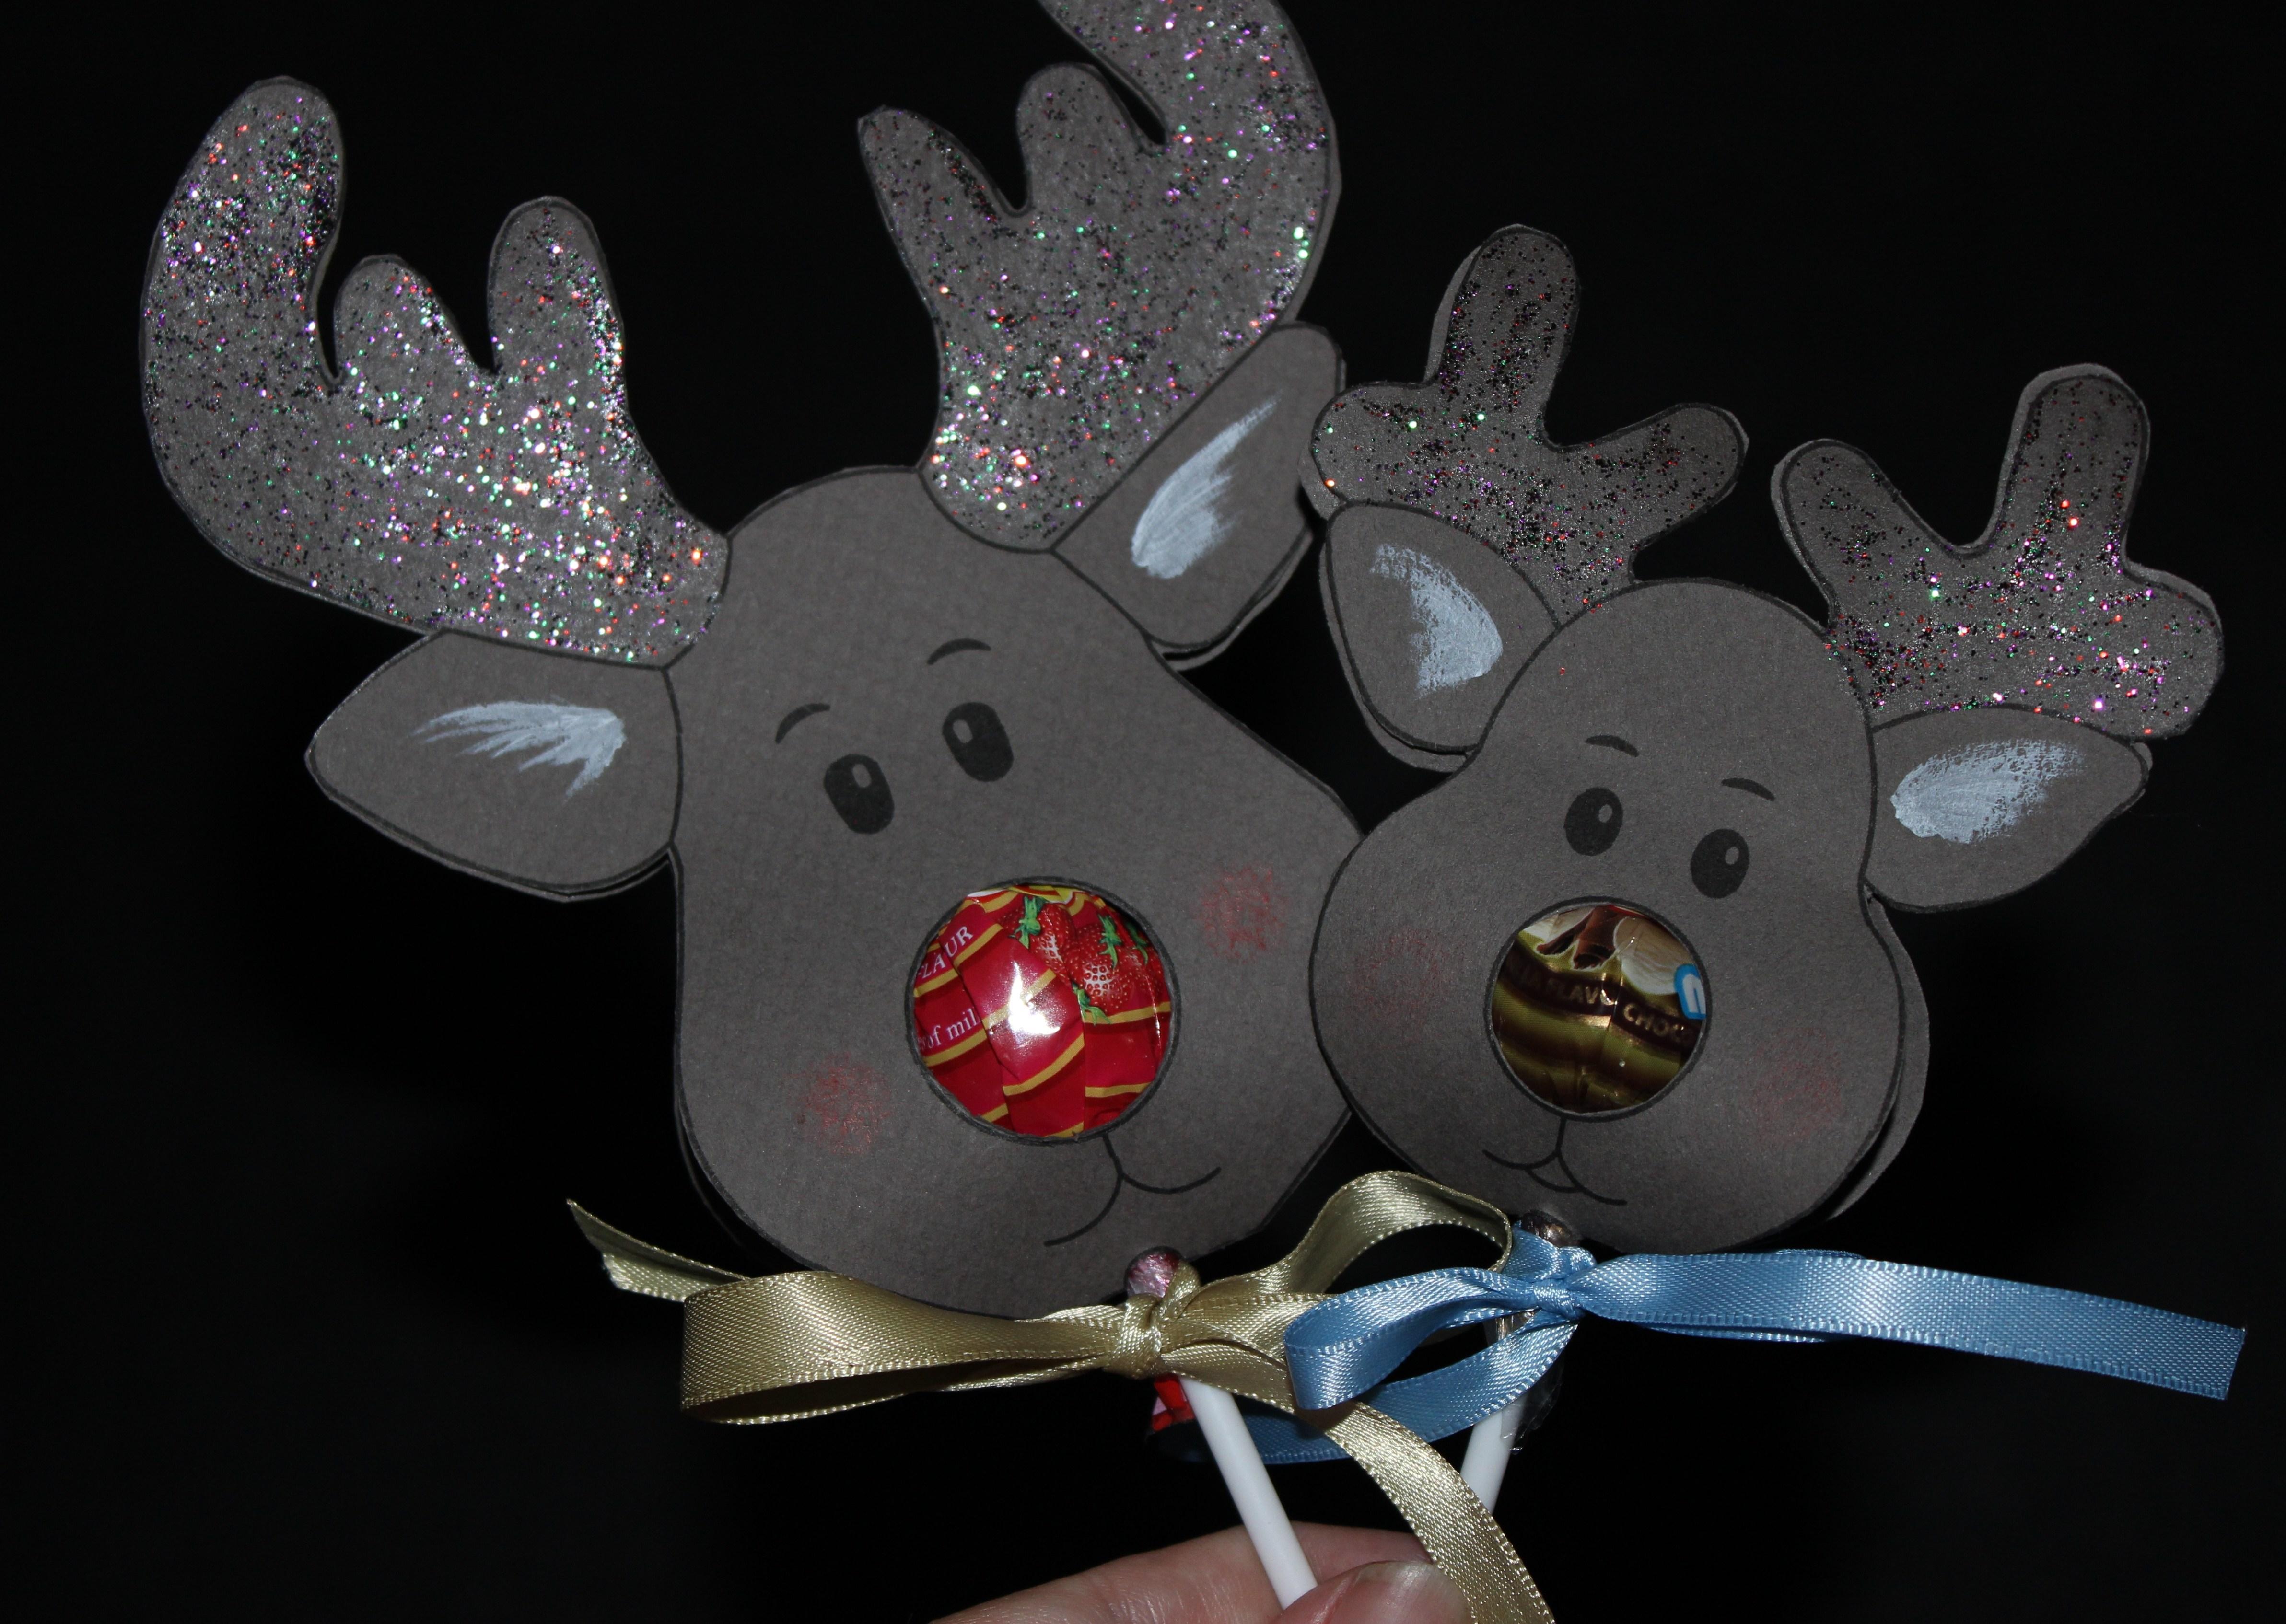 Reindeer Head Template. 16 Cardboard Deer Head Ideas Guide Patterns - Free Printable Reindeer Lollipop Template